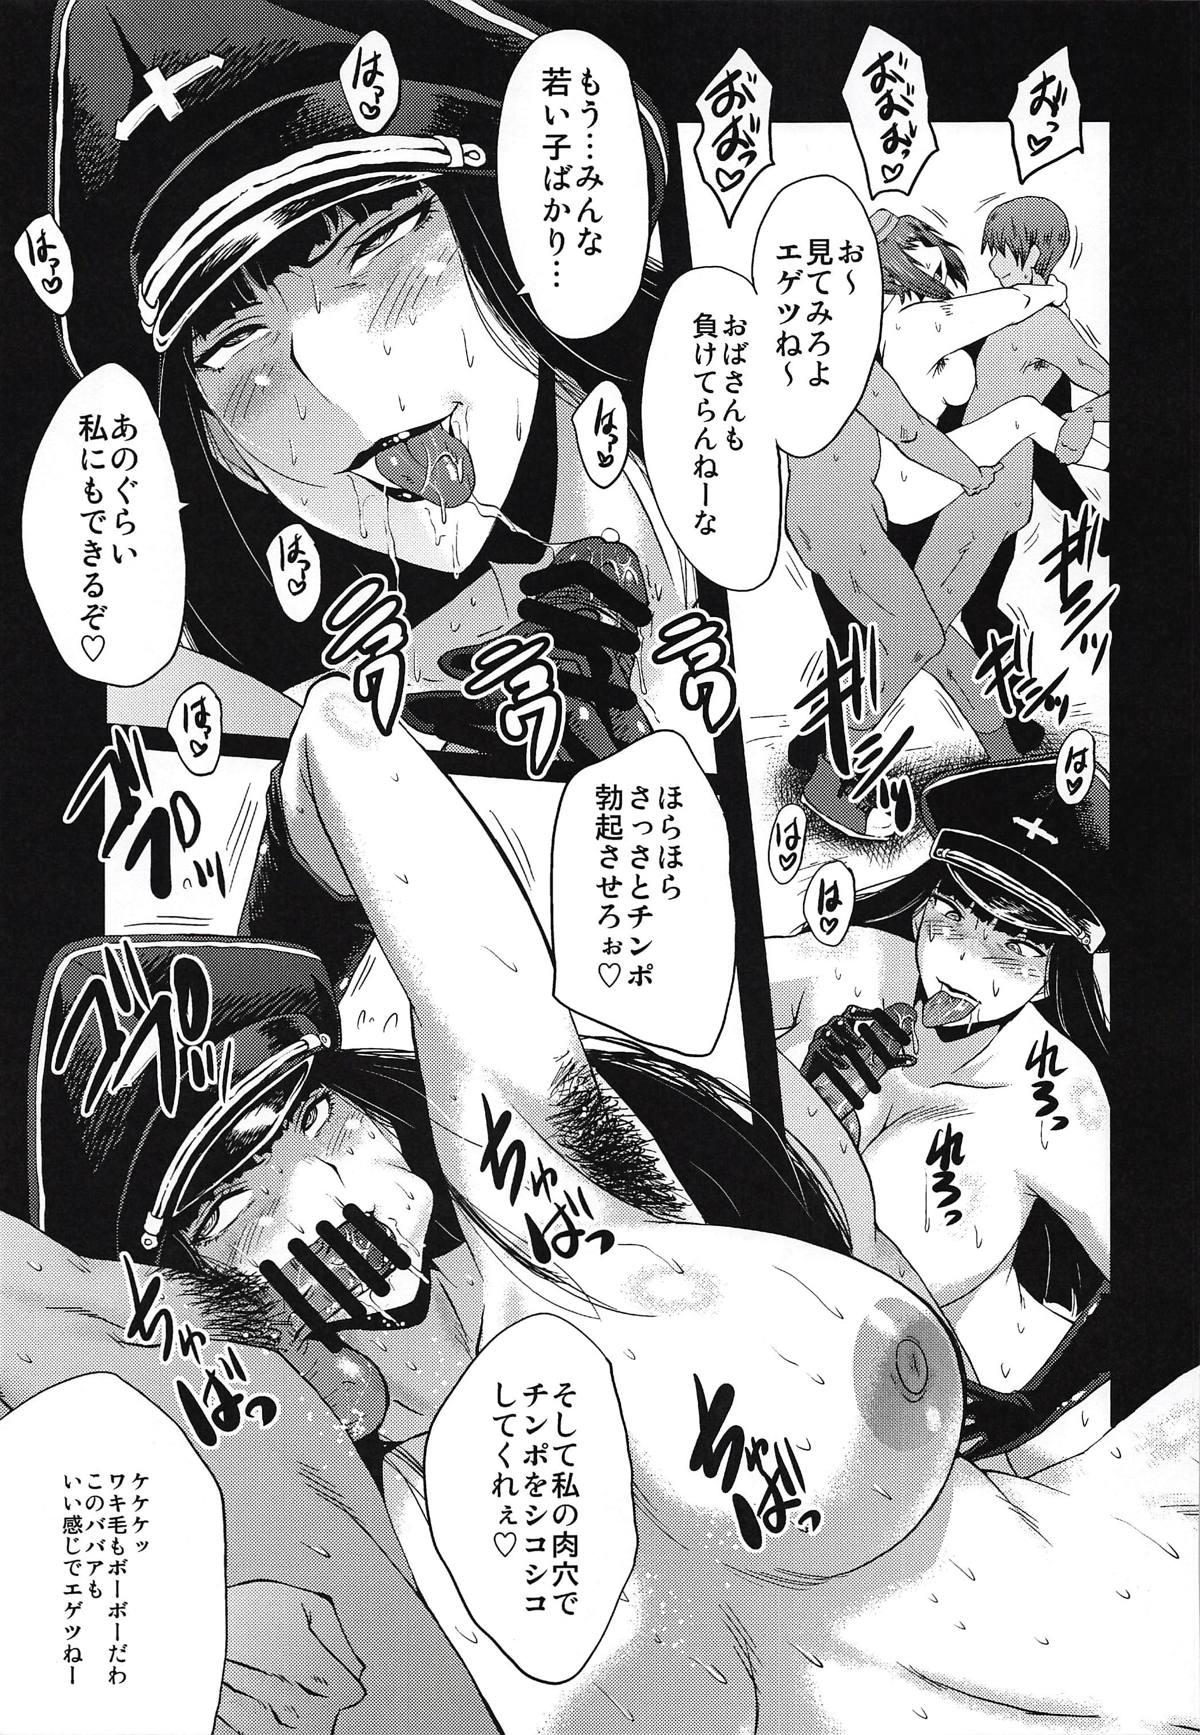 Urabambi Vol. 57 Taihai no Koutetsu Fujin 9